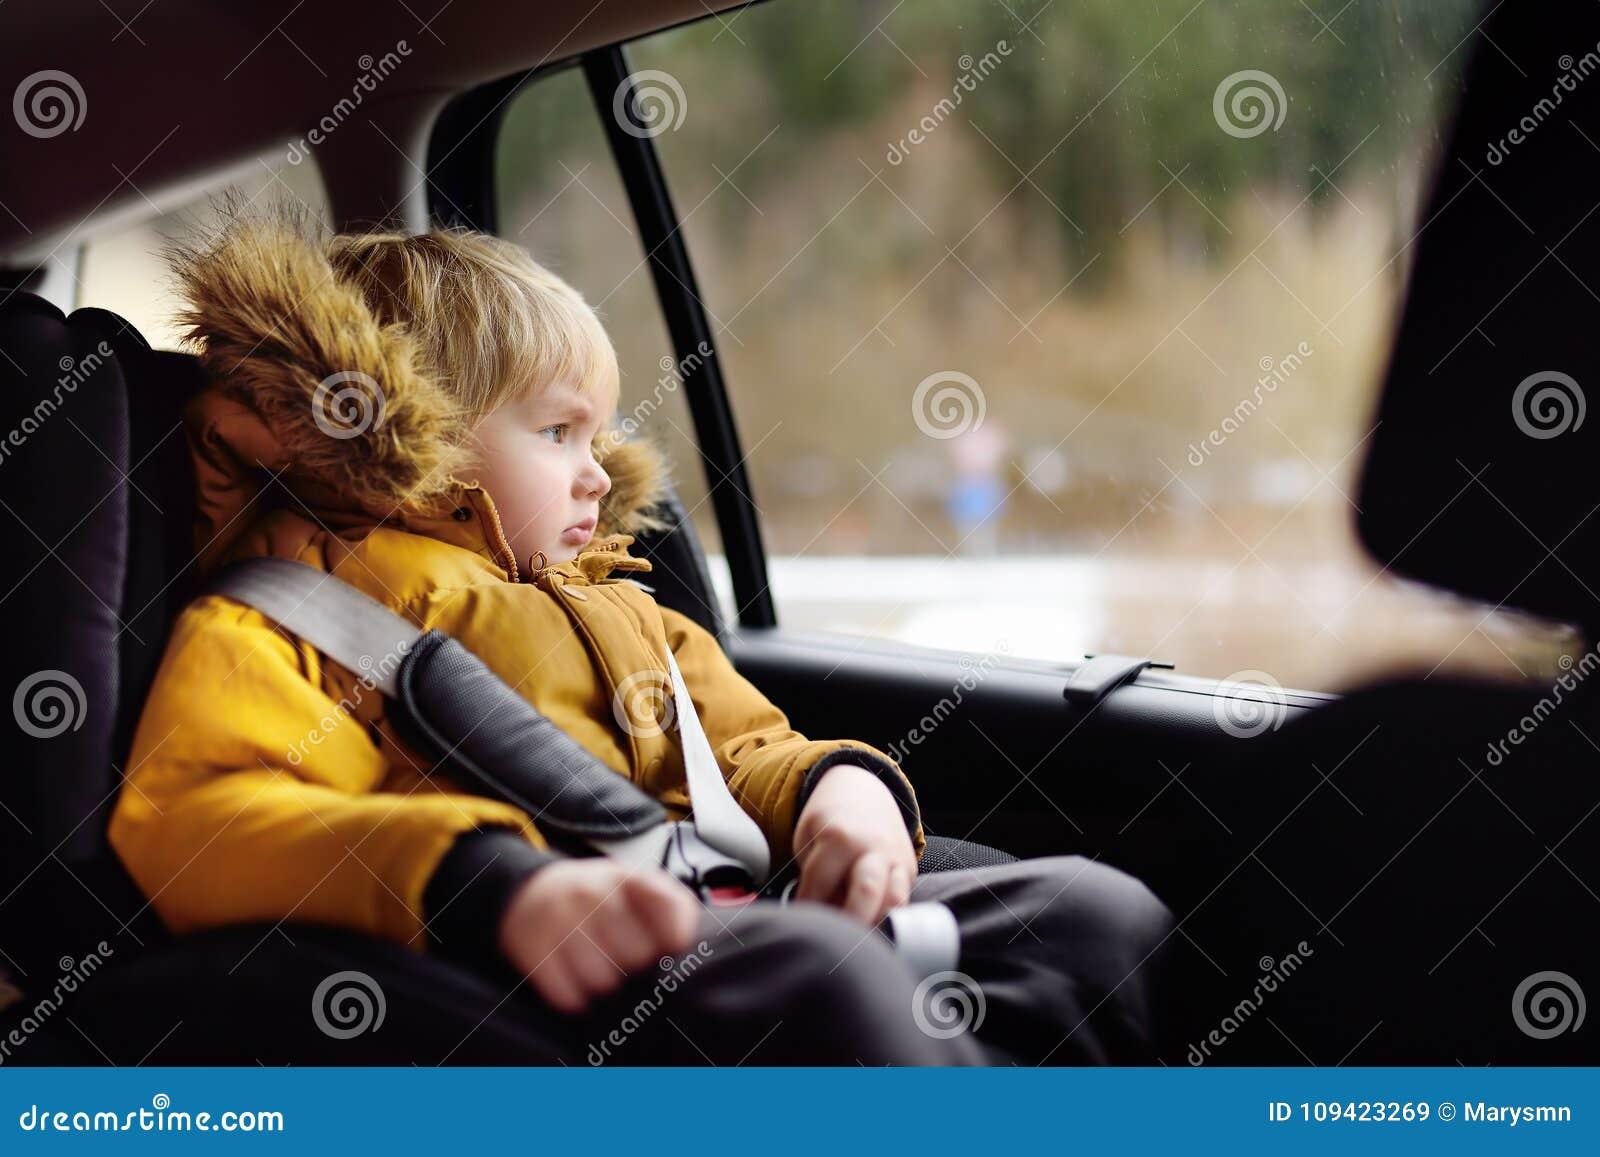 Retrato do rapaz pequeno bonito que senta-se no banco de carro durante o roadtrip ou o curso